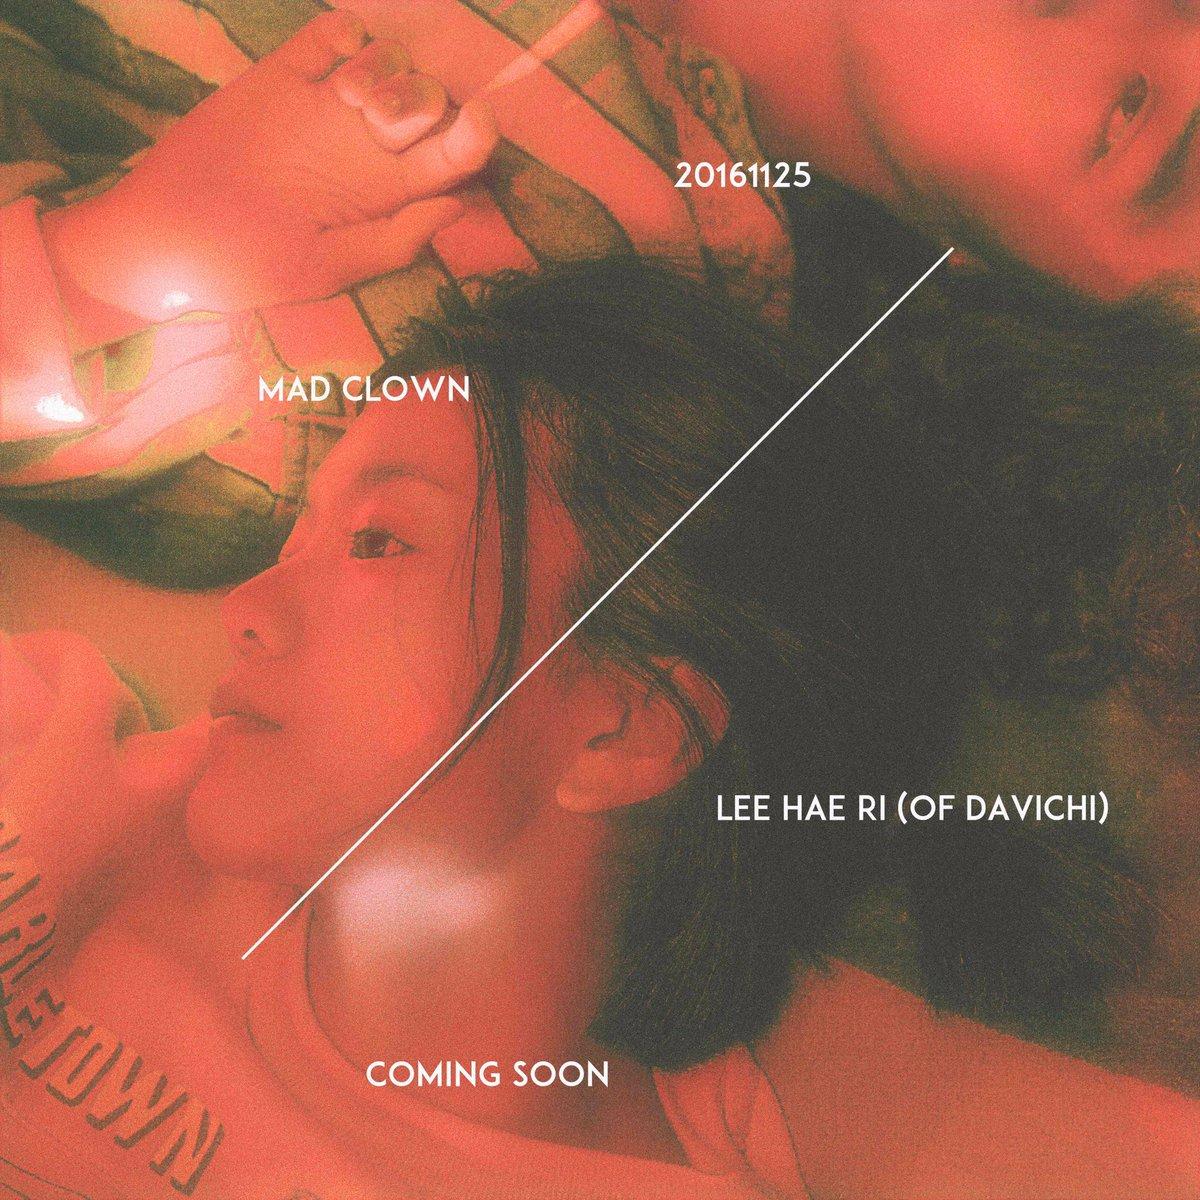 Mad Clown lanza teaser para nuevo lanzamiento que cuenta con la participación de Lee Hae Ri de DAVICHI